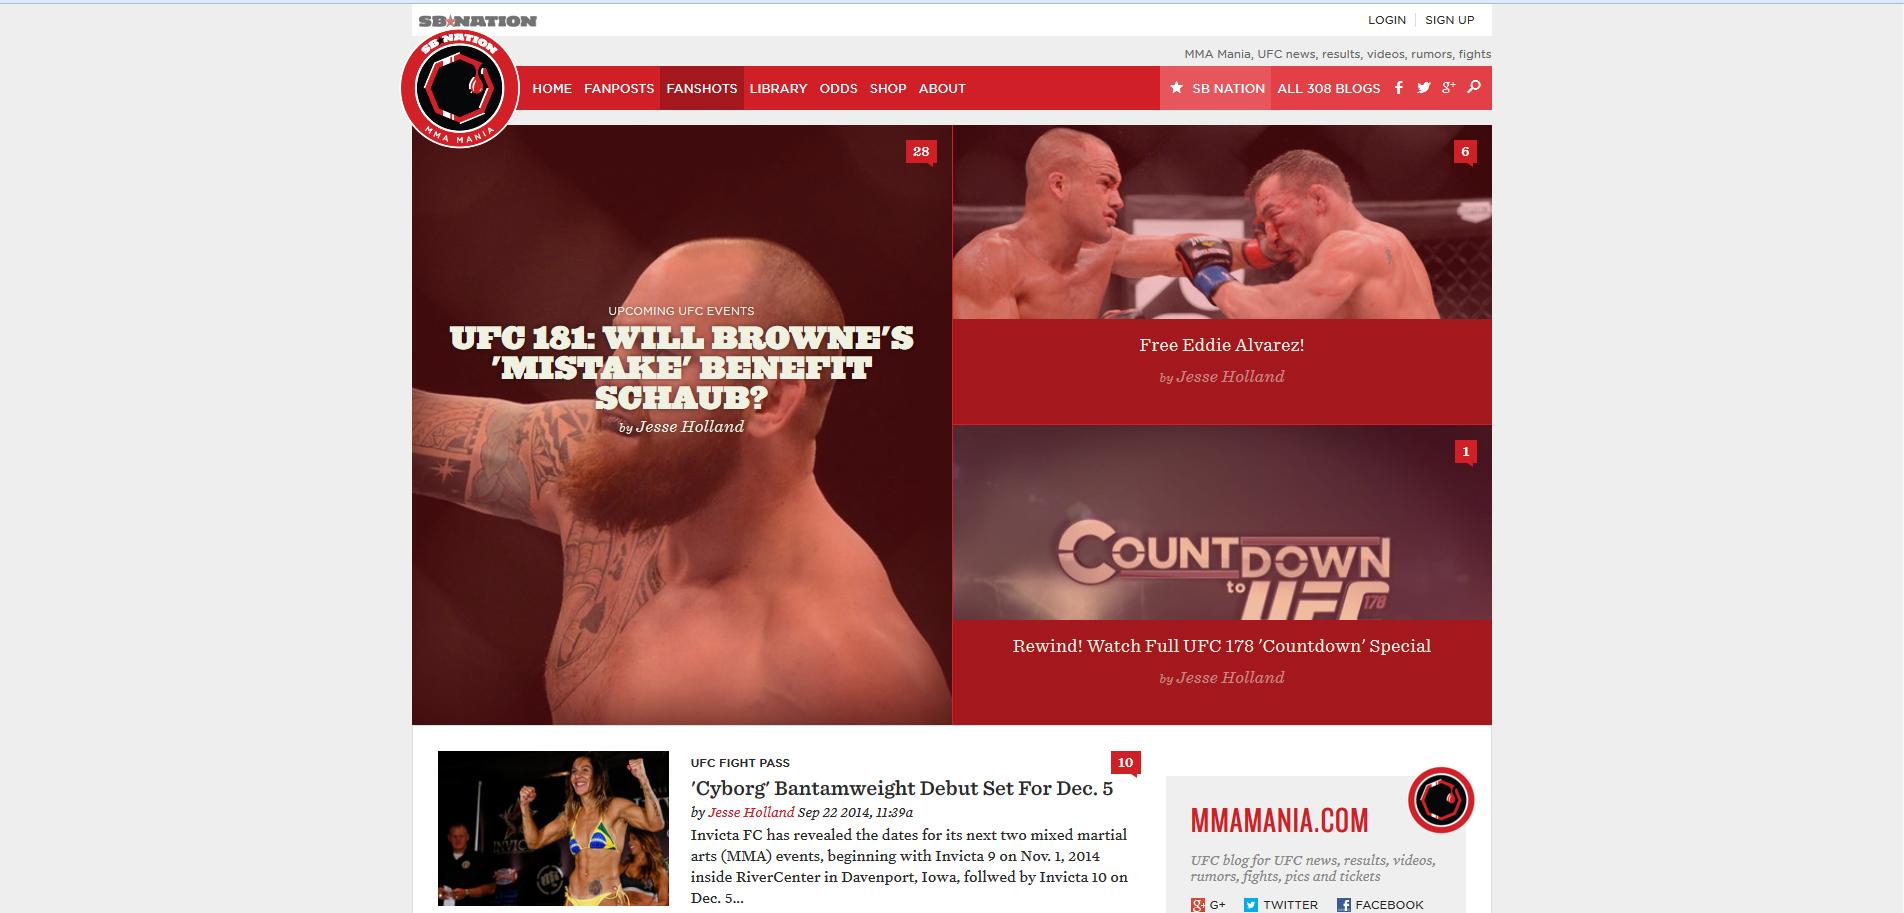 MMA-Mania